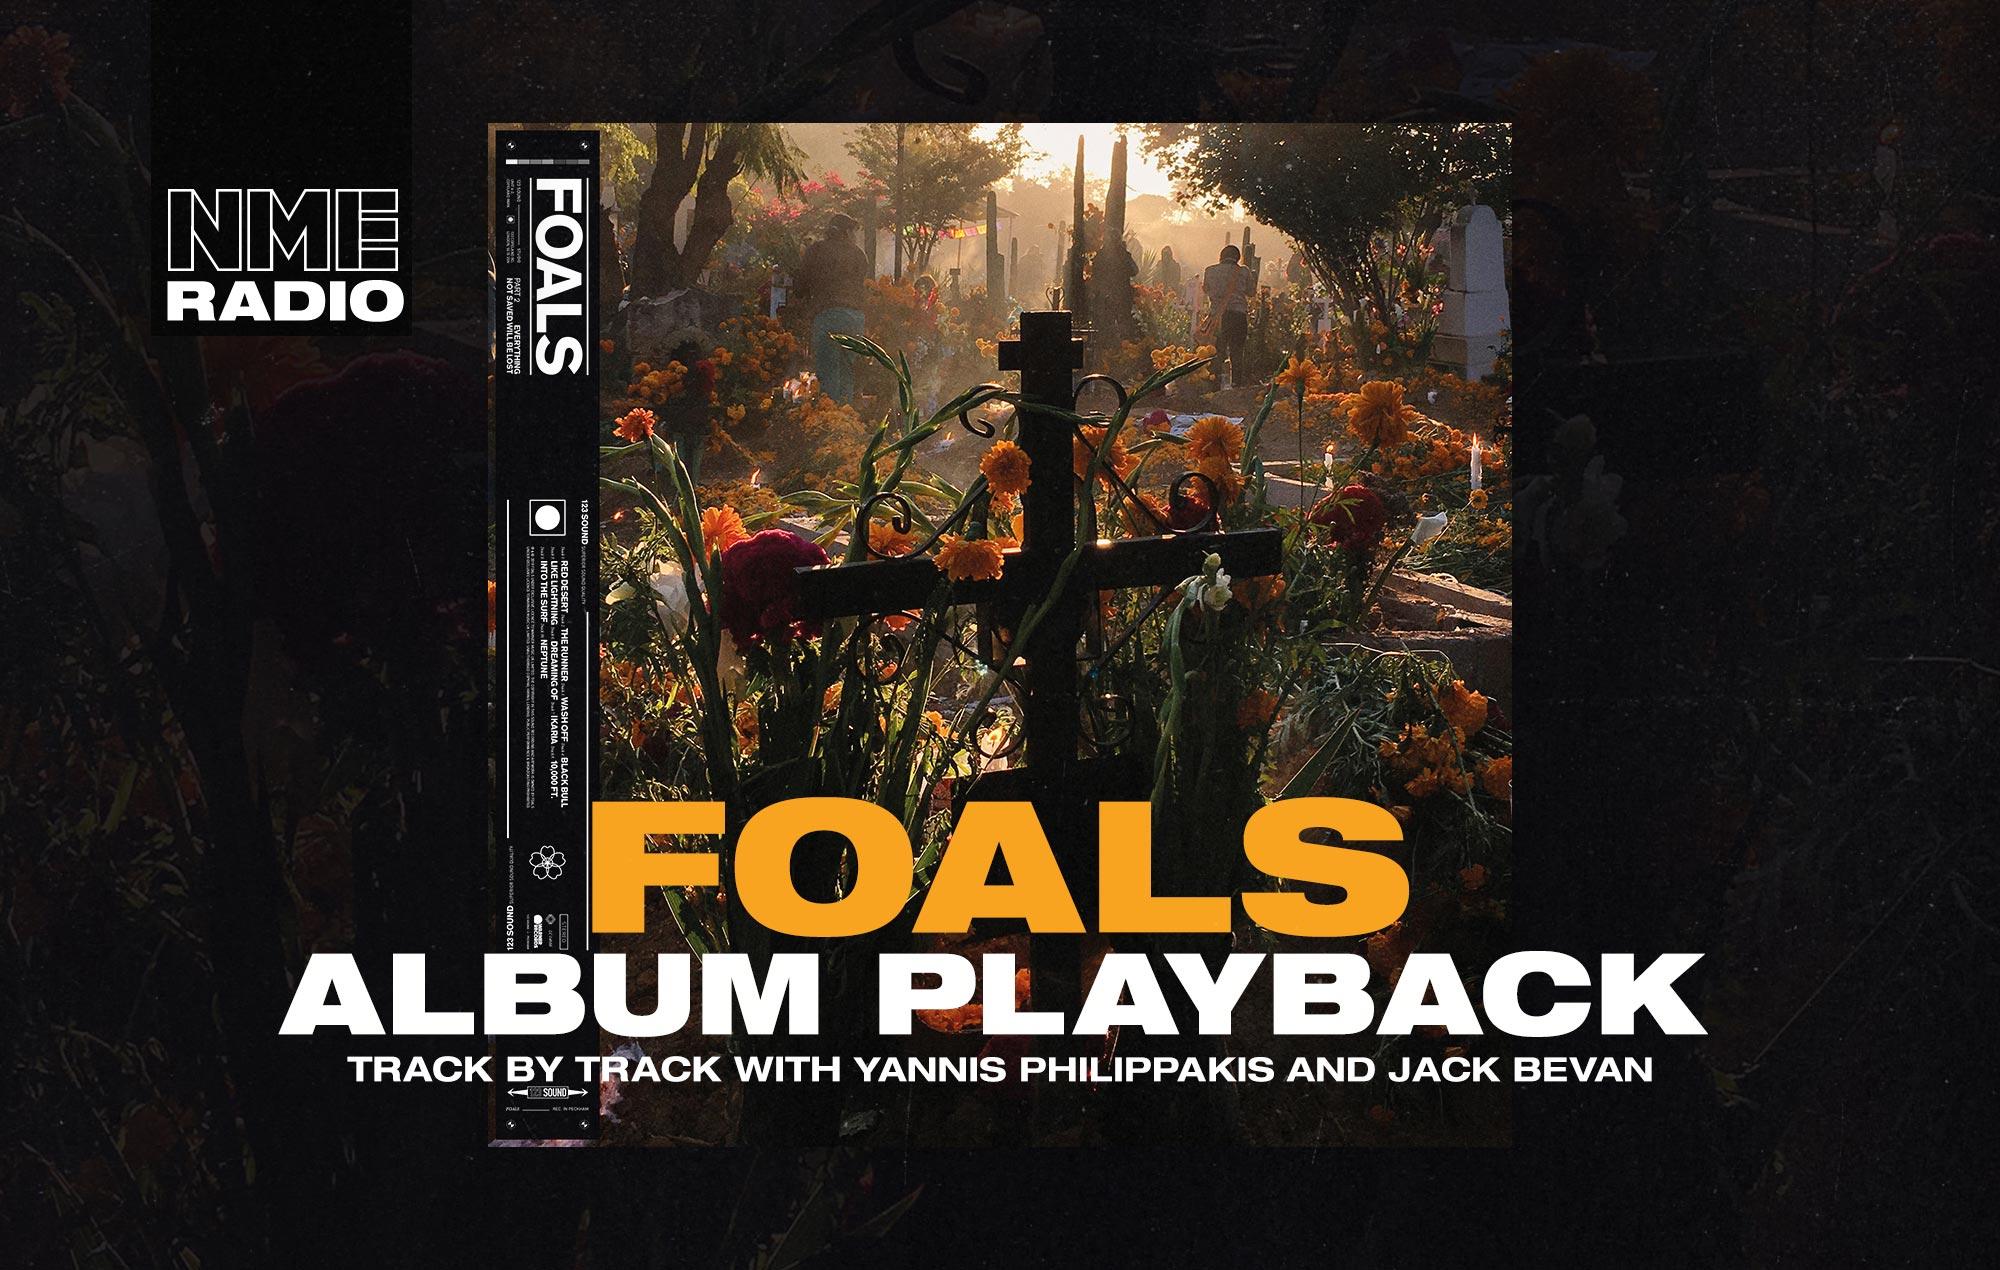 Foals album playback